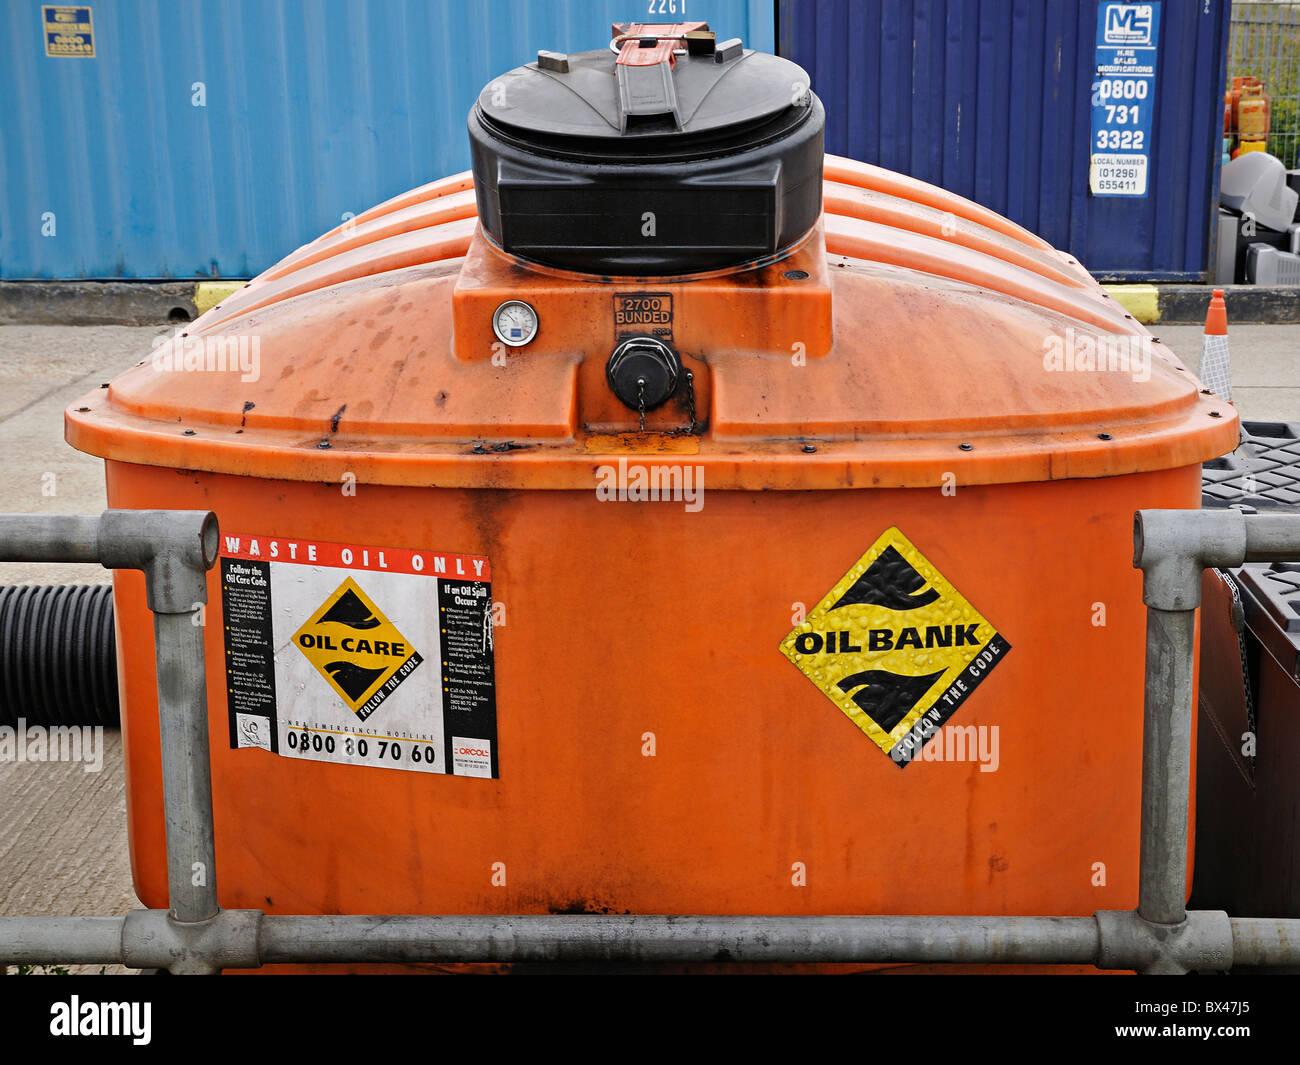 Banque d'huile à un centre de recyclage et de gestion des déchets, au Royaume-Uni. Photo Stock